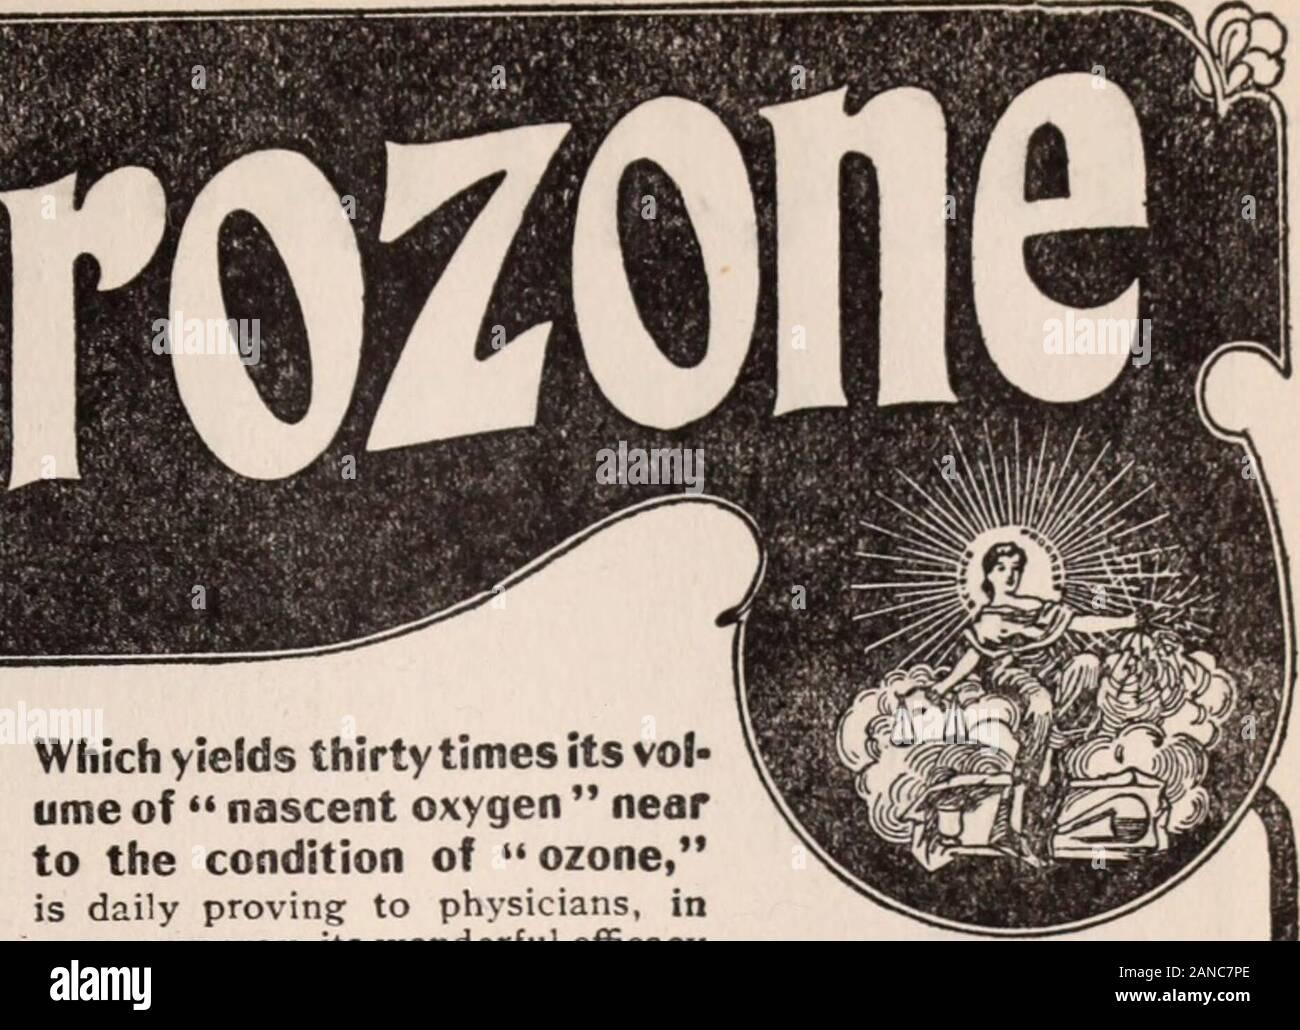 Critique . Ce qui donne 30 fois son vol ume-nearto oxygène naissant de l'état de l'ozone, est quotidiennement la preuve de certains médecins, de façon nouvelle, son efficacyin merveilleux cas tenaces de l'eczéma, psoriasis, démangeaisons, Rheam sel,les barbiers de l'aine, l'érysipèle, Ivy L'empoisonnement, la teigne,herpès zoster ou zona, etc. l'acné, des boutons sur Faceare éclairci et les pores guéri par HYDROZONE et GLYCOZONEin ismagical qu'un moyen. Essayer ce traitement; veuillez vous resultswill. Méthode complète de traiter-ment dans mon livre, le TherapeuticalApplications drozone et de Hy-glyco-zone SeventeenthEdition;, 332 pages.envoyé gratuitement à phy Banque D'Images